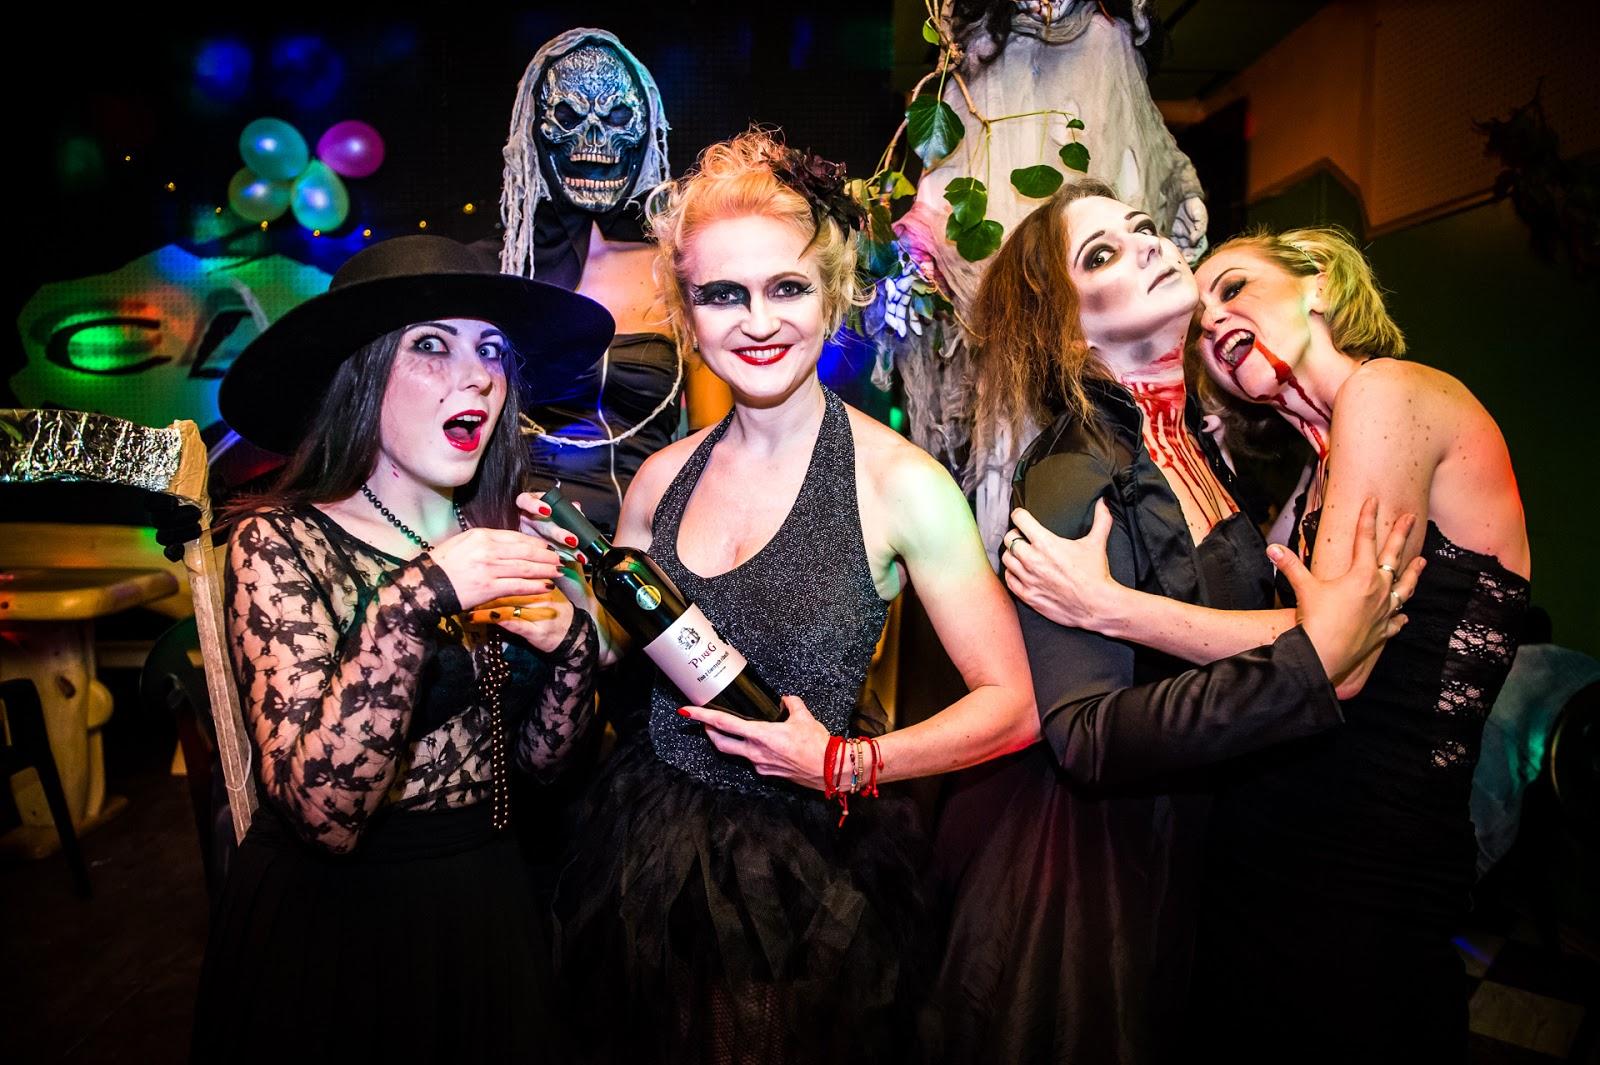 víno, masky, kostým, inšpirácia